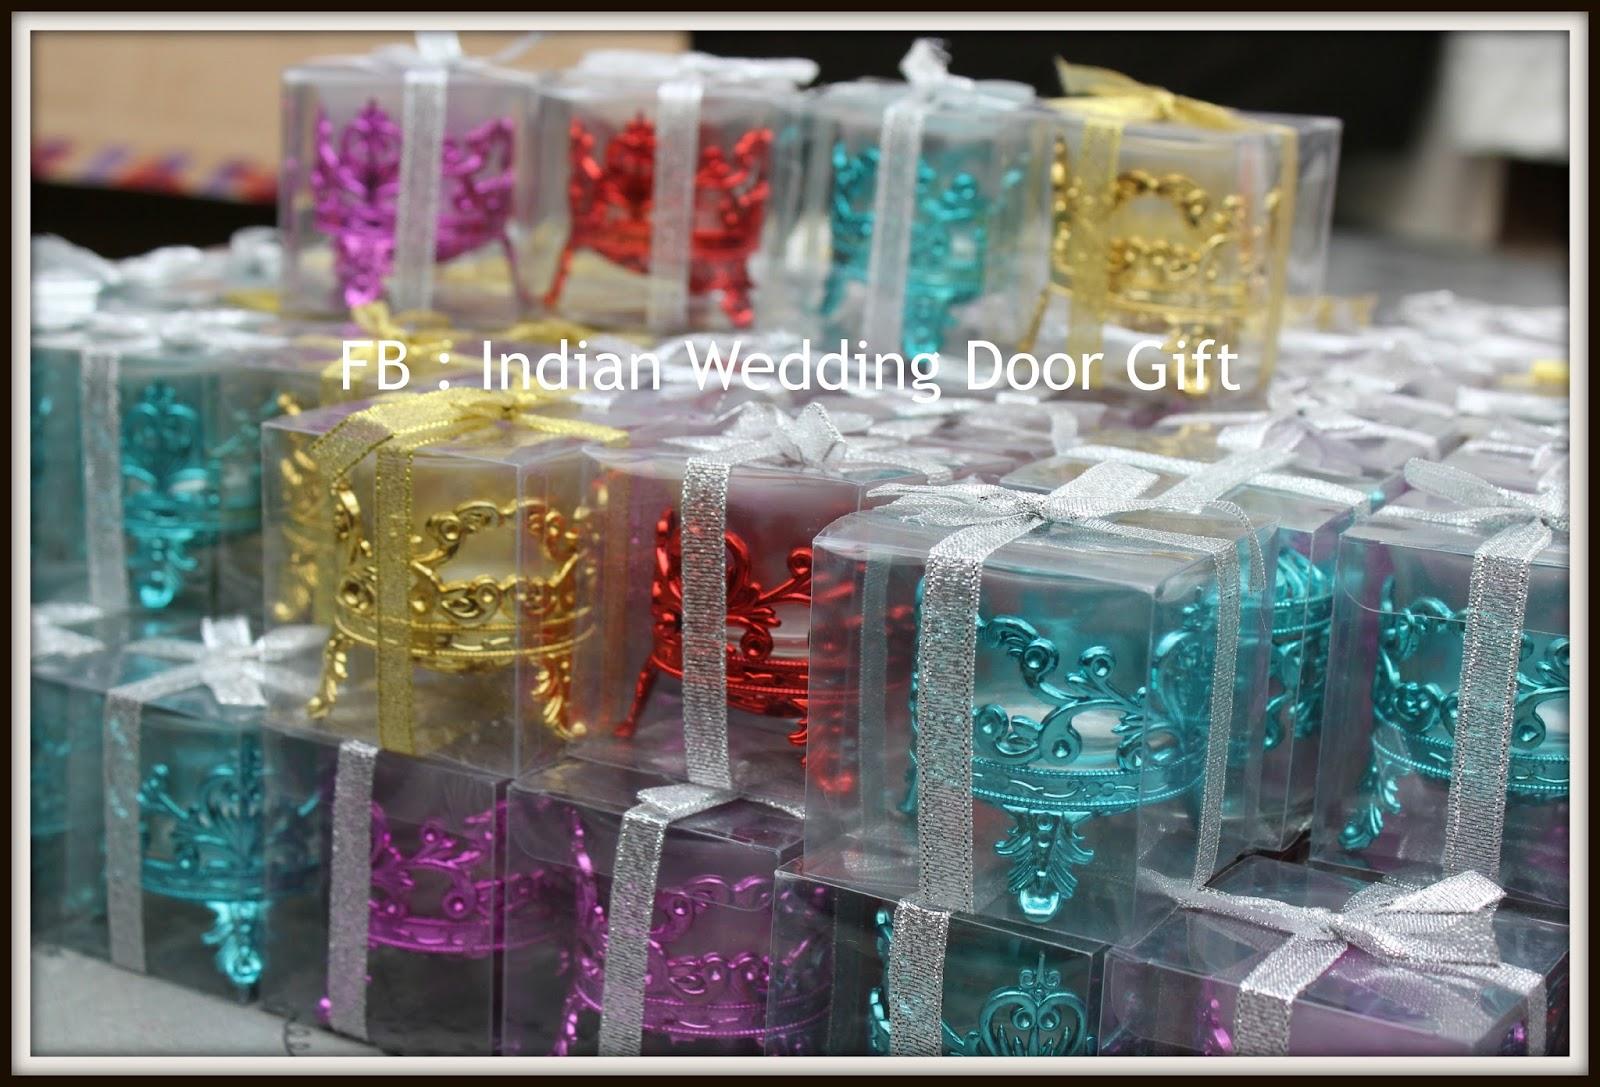 Diy Indian Wedding Door Gift : Indian Wedding Door Gift: More Door Gift Photos